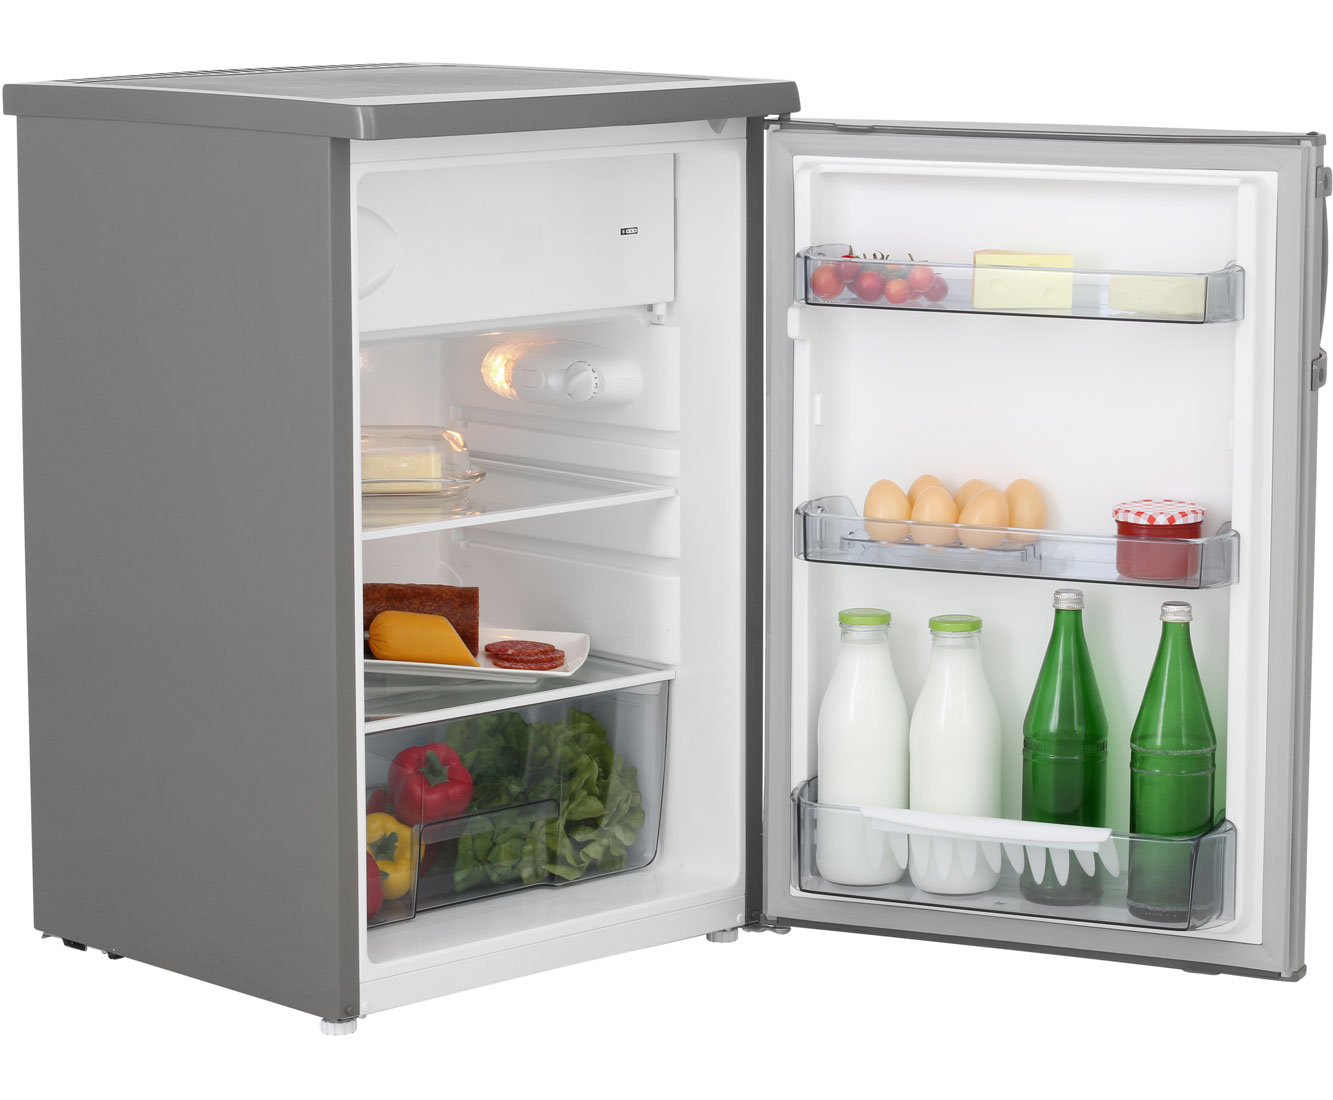 Side By Side Kühlschrank Aldi : Kühlschrank a gorenje kühlschränke günstig kaufen bei mediamarkt